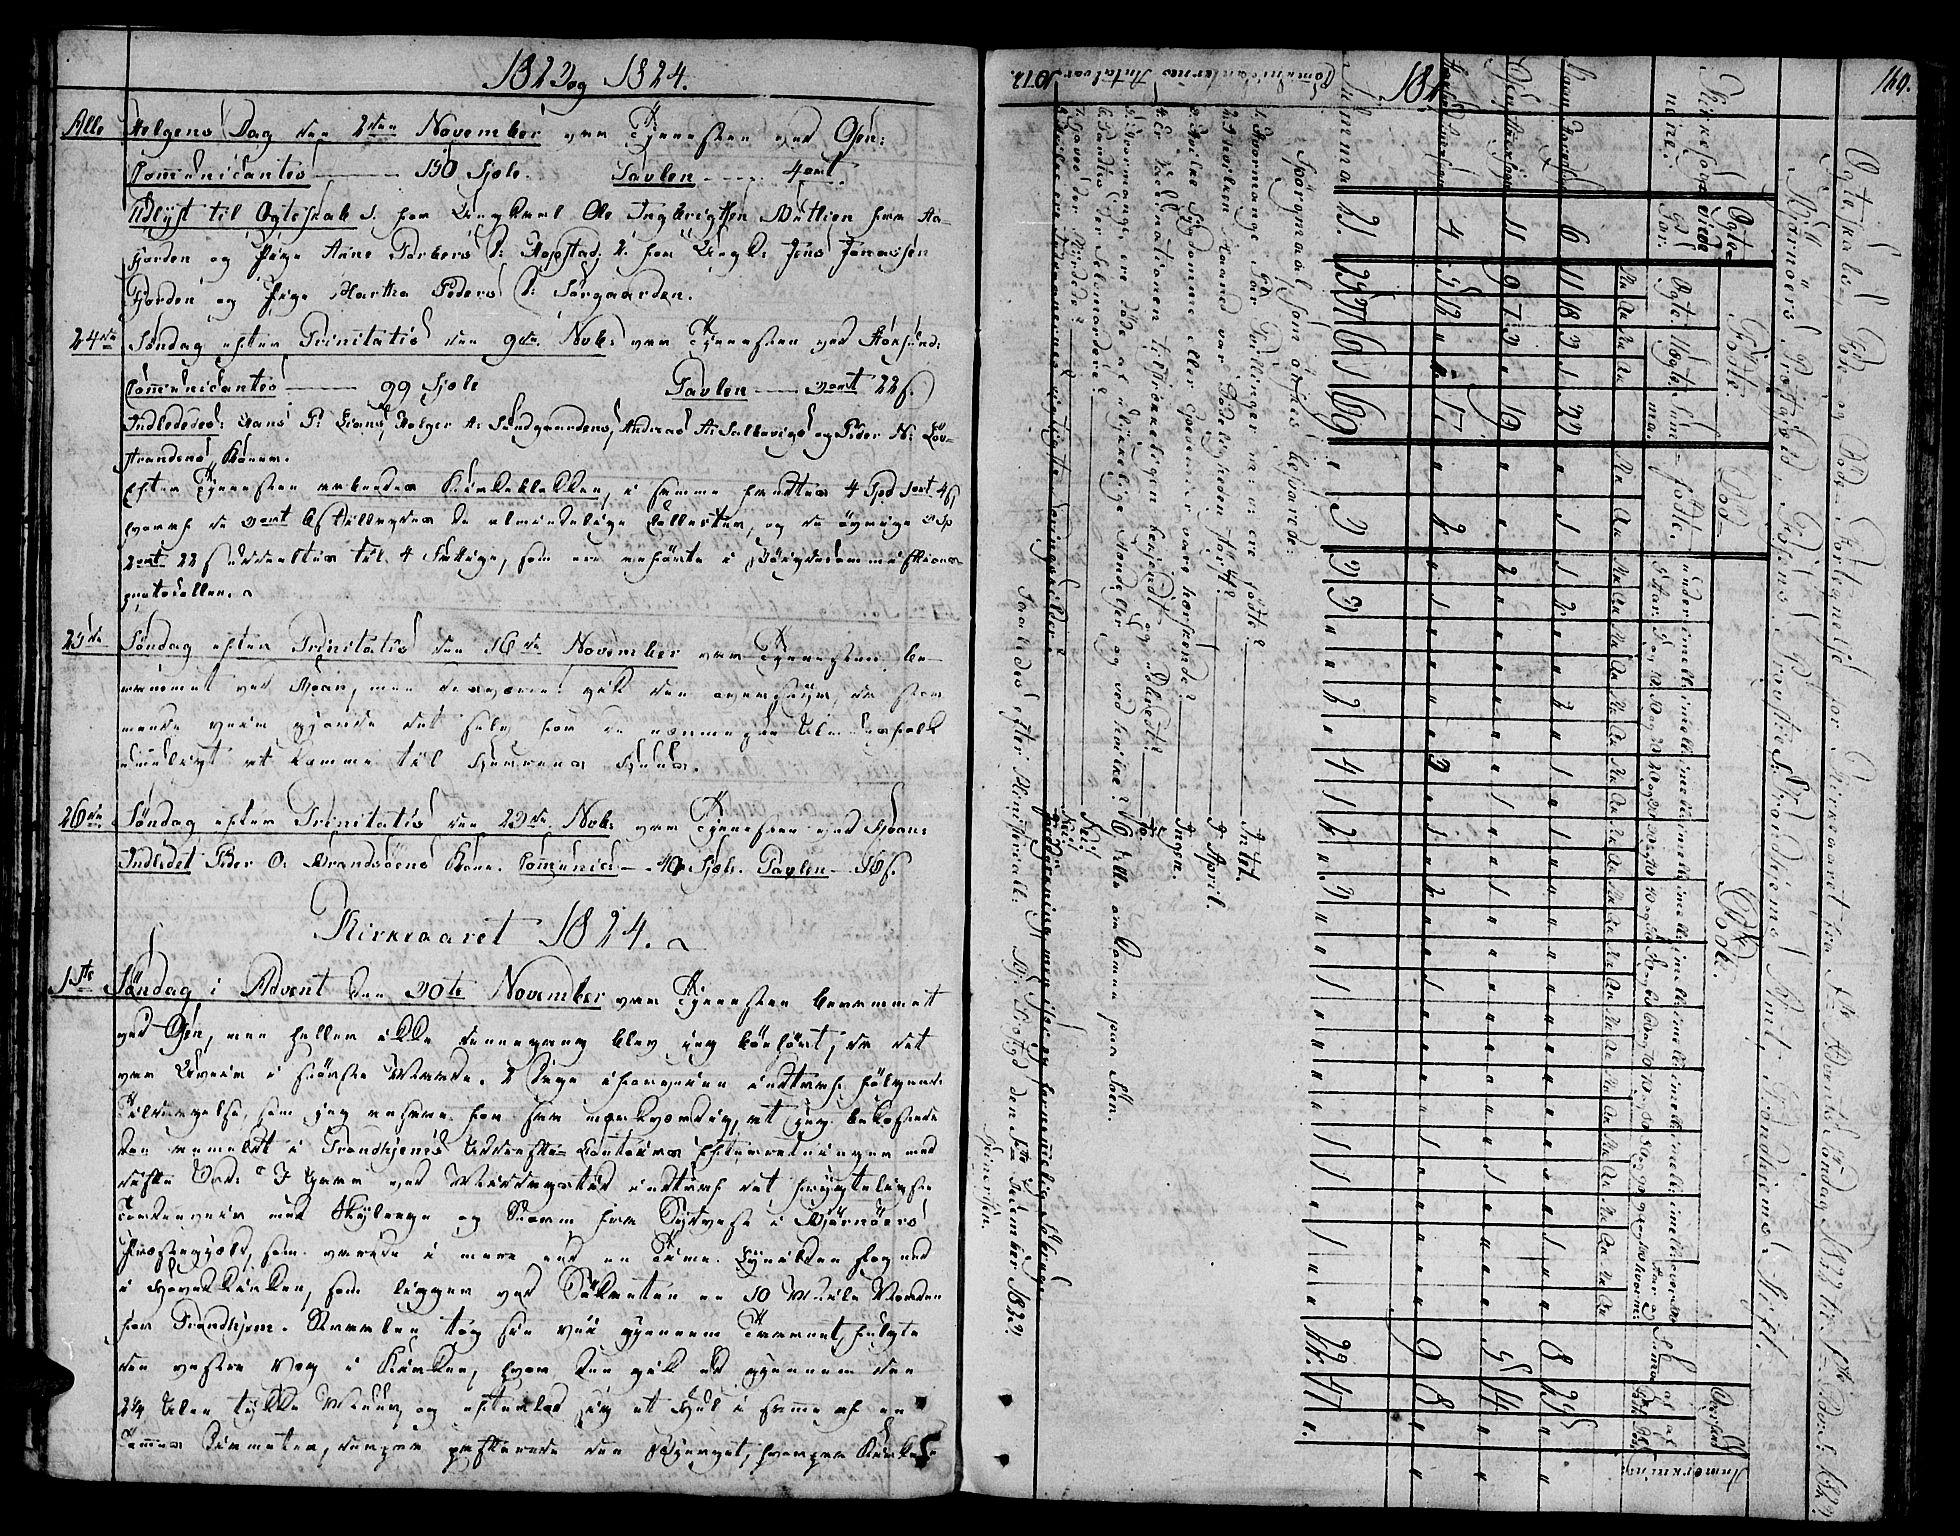 SAT, Ministerialprotokoller, klokkerbøker og fødselsregistre - Sør-Trøndelag, 657/L0701: Ministerialbok nr. 657A02, 1802-1831, s. 169